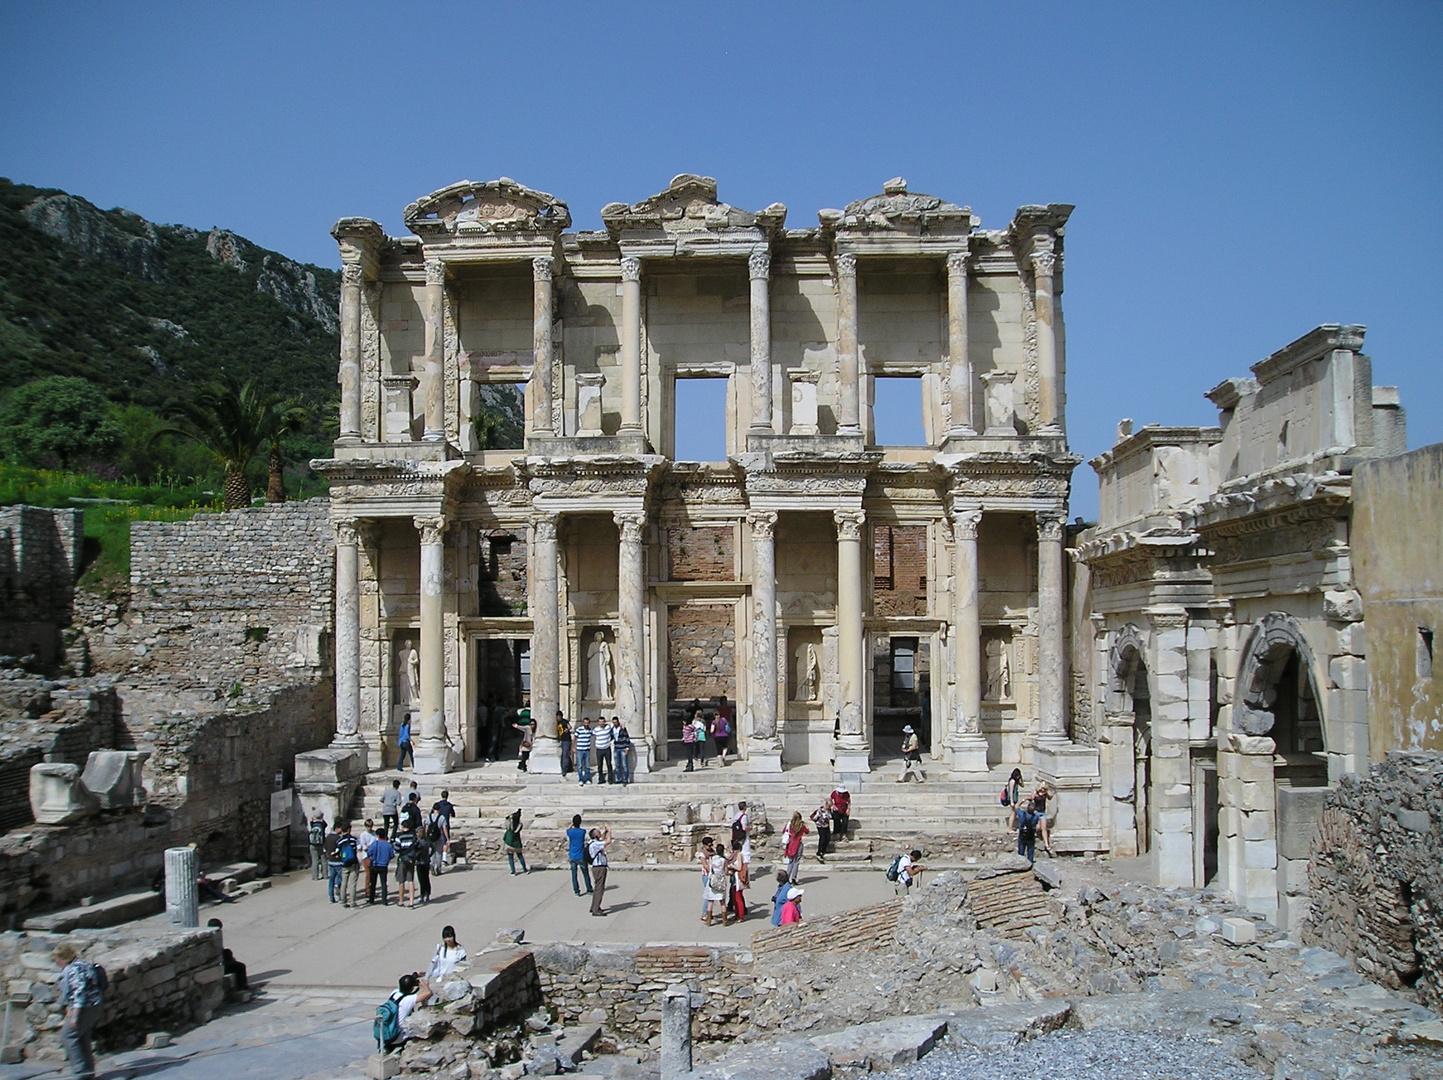 Celsusbibliothek in Ephesus